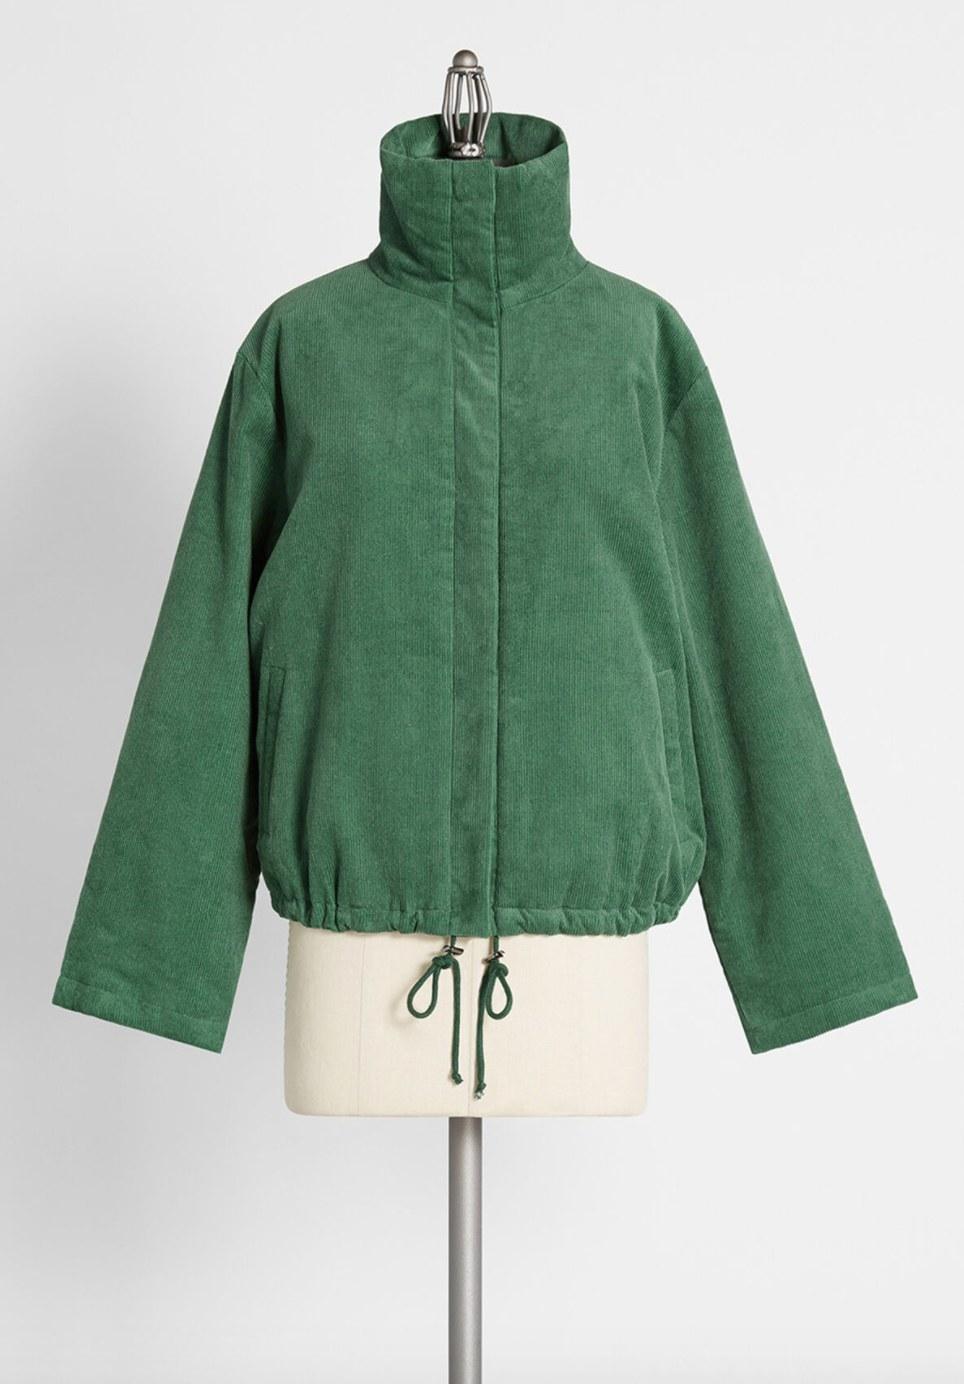 The sugar snap jacket